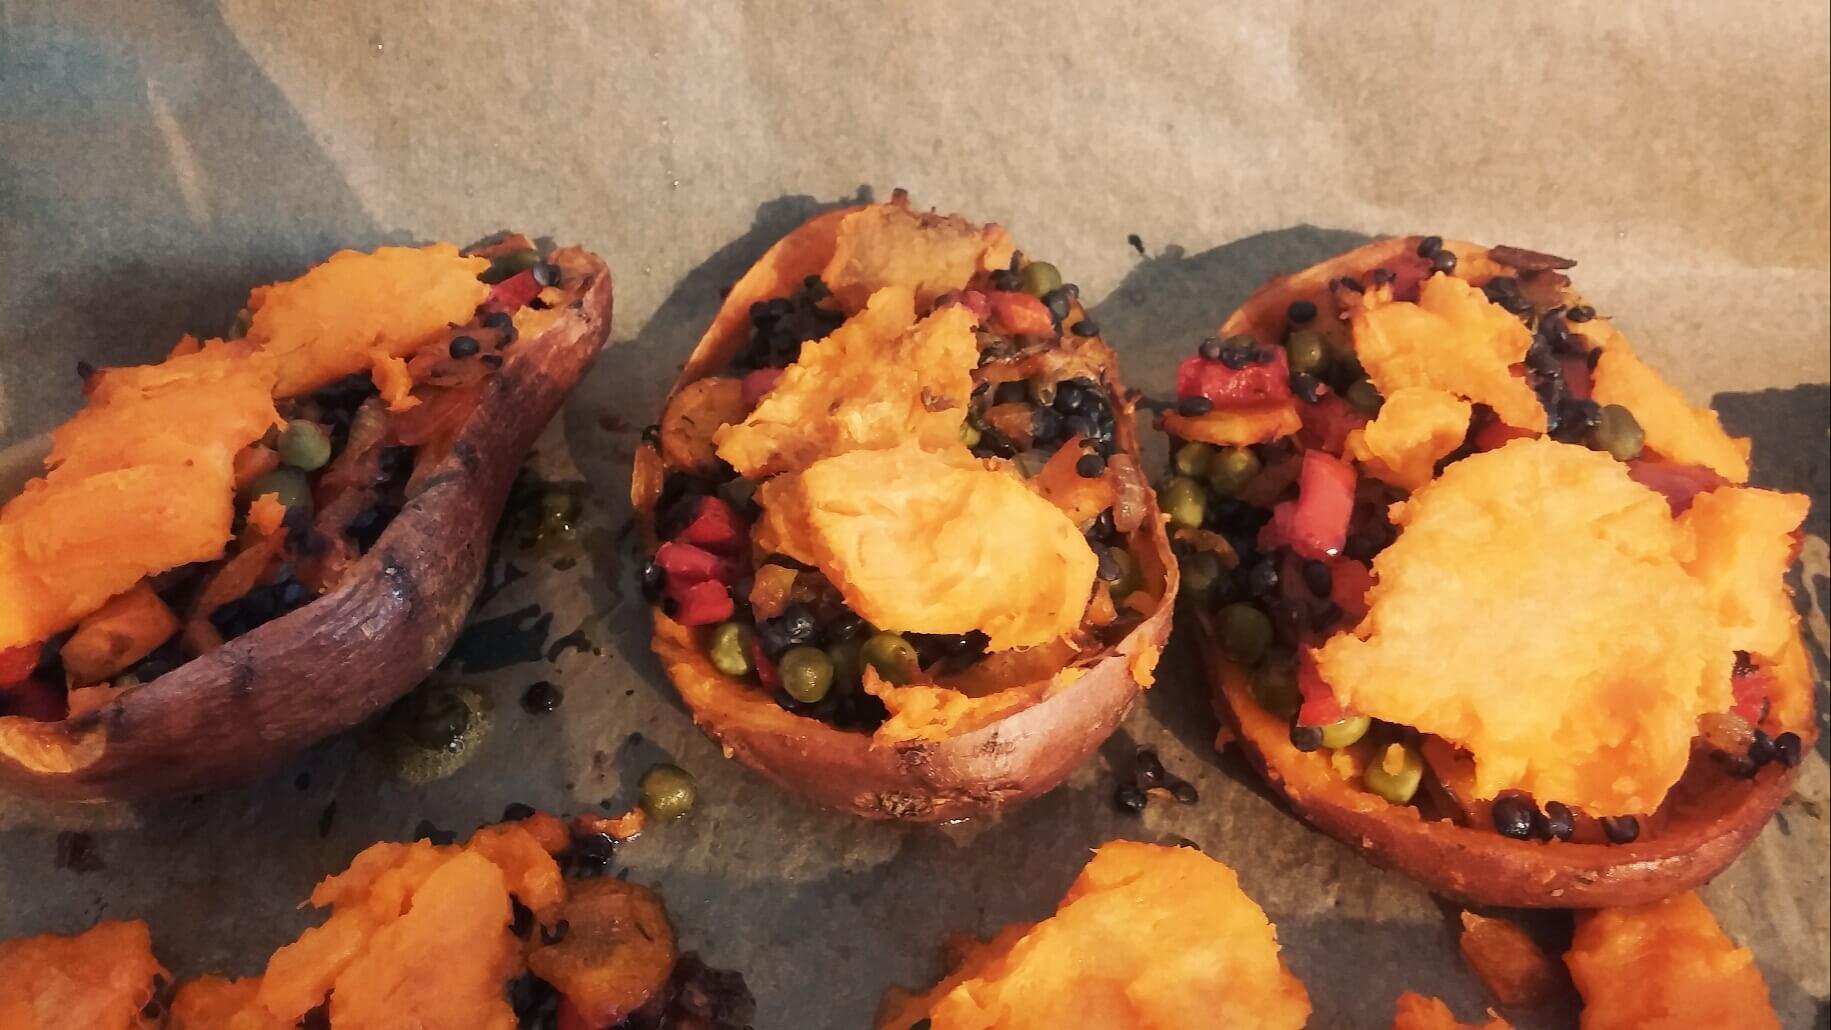 suesskartoffel-gefuellt-ofen